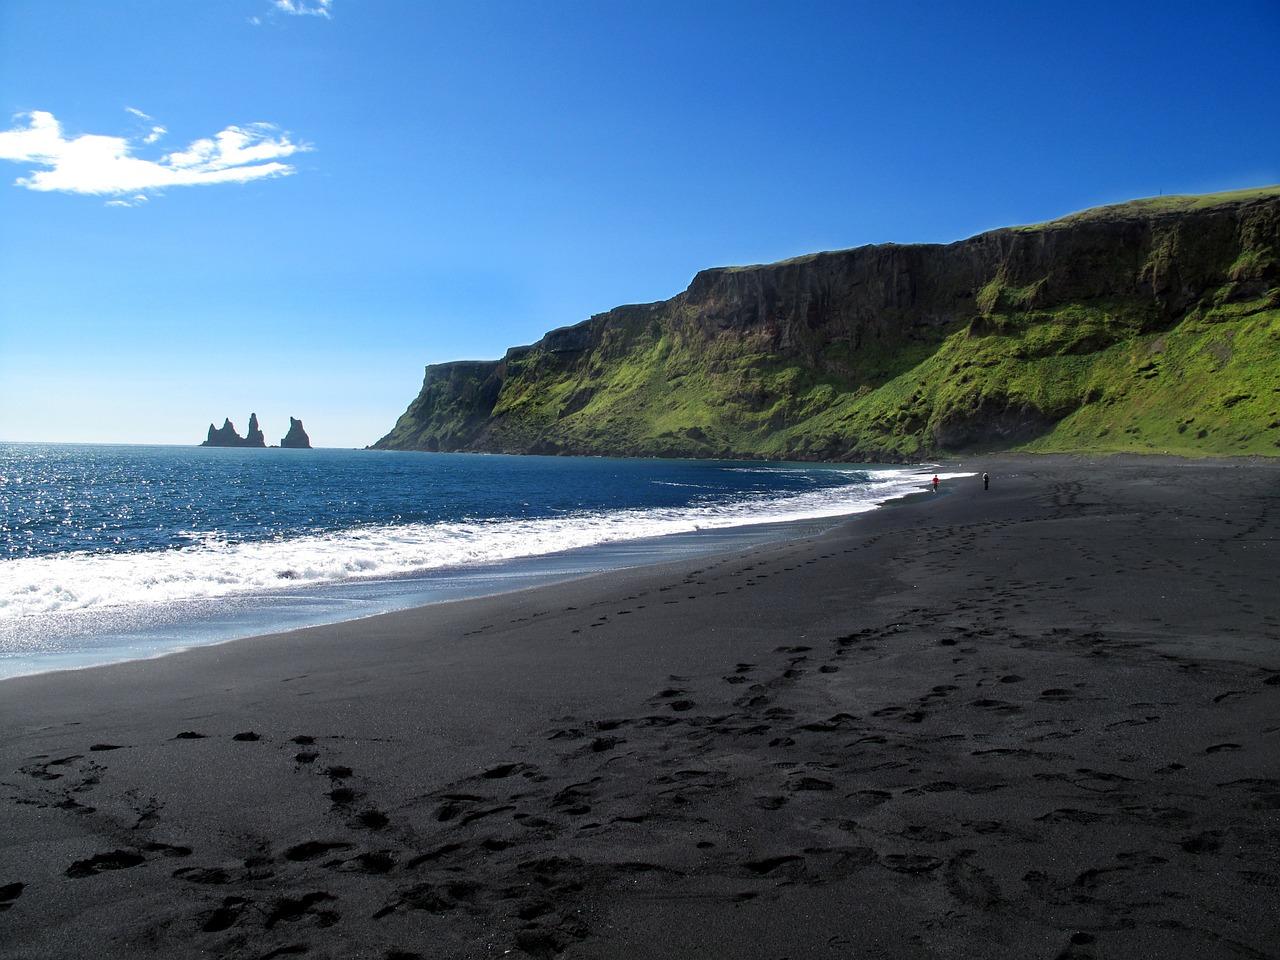 شاطئ رينسفيارا ، أحد أكثر المناظر الطبيعية جاذبية في آيسلندا